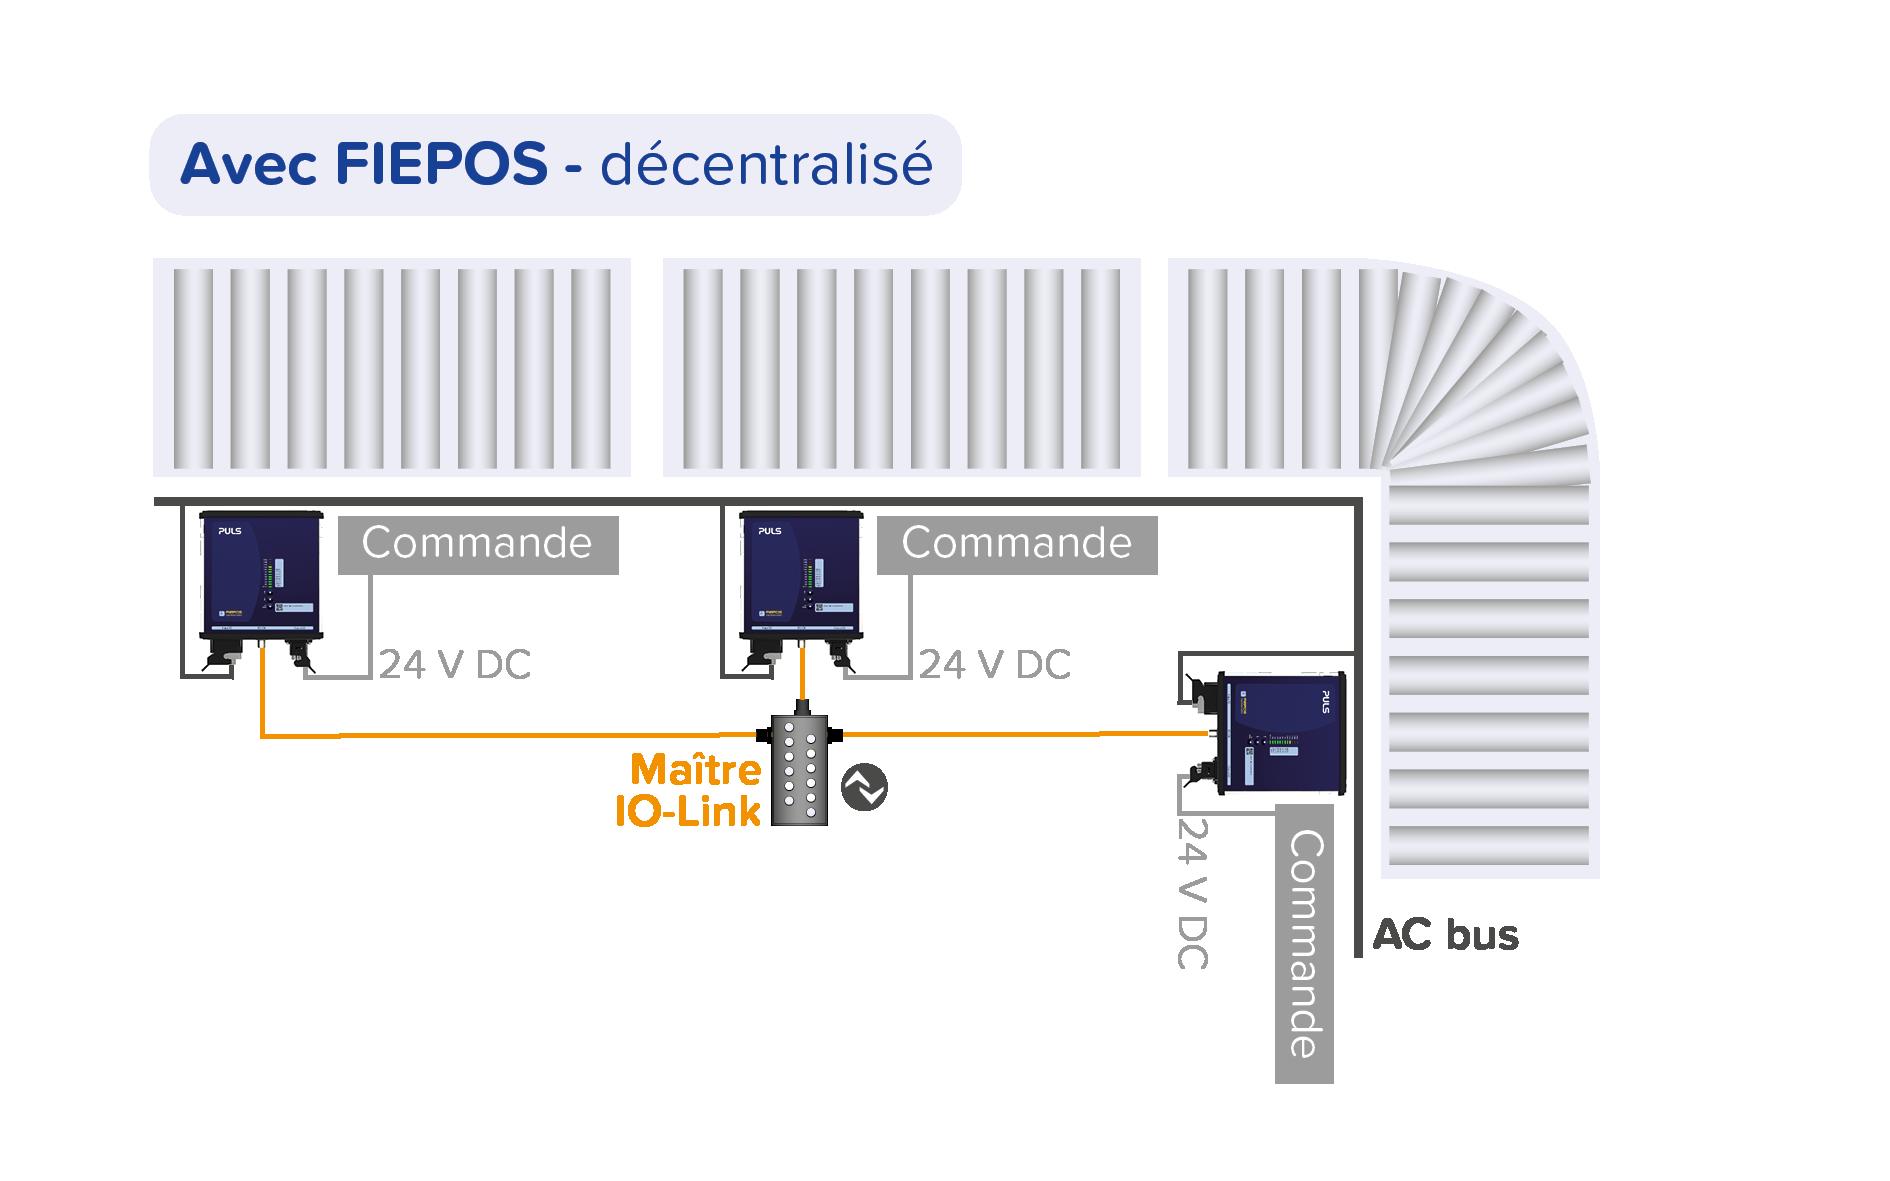 Alimentation électrique décentralisée - avec FIEPOS